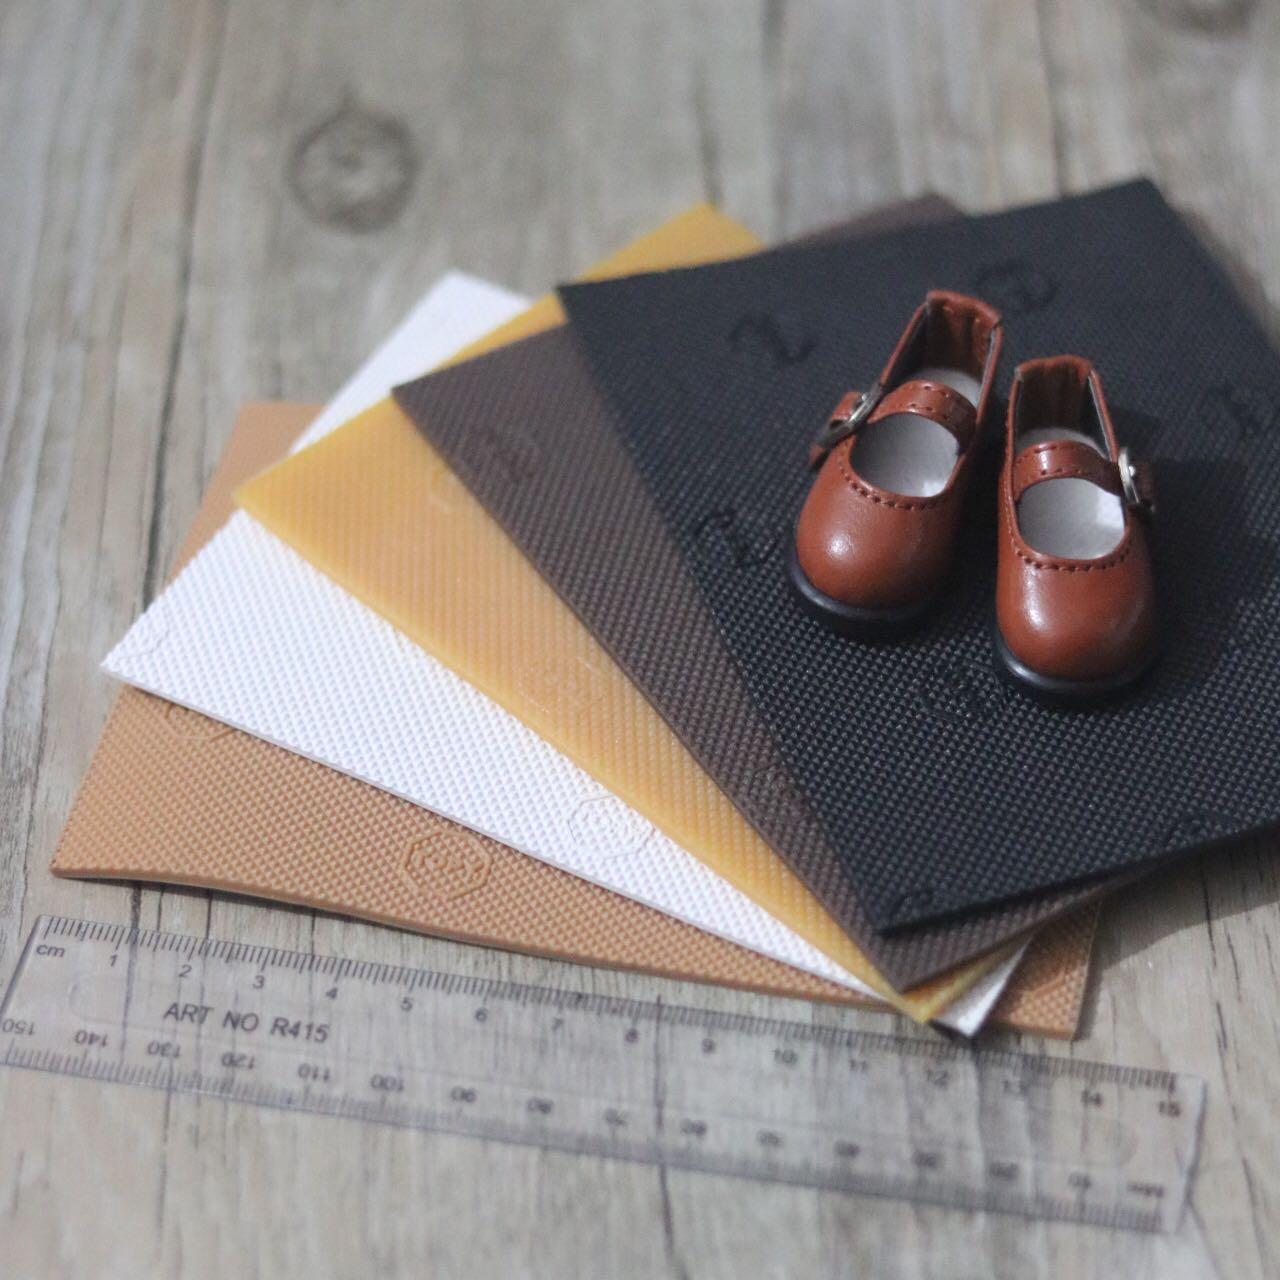 Bjd Blythe салон английский линии сухожилие ребенок использование подошва ручной работы DIY ручной работы ребенок обувной черный и коричневый белый